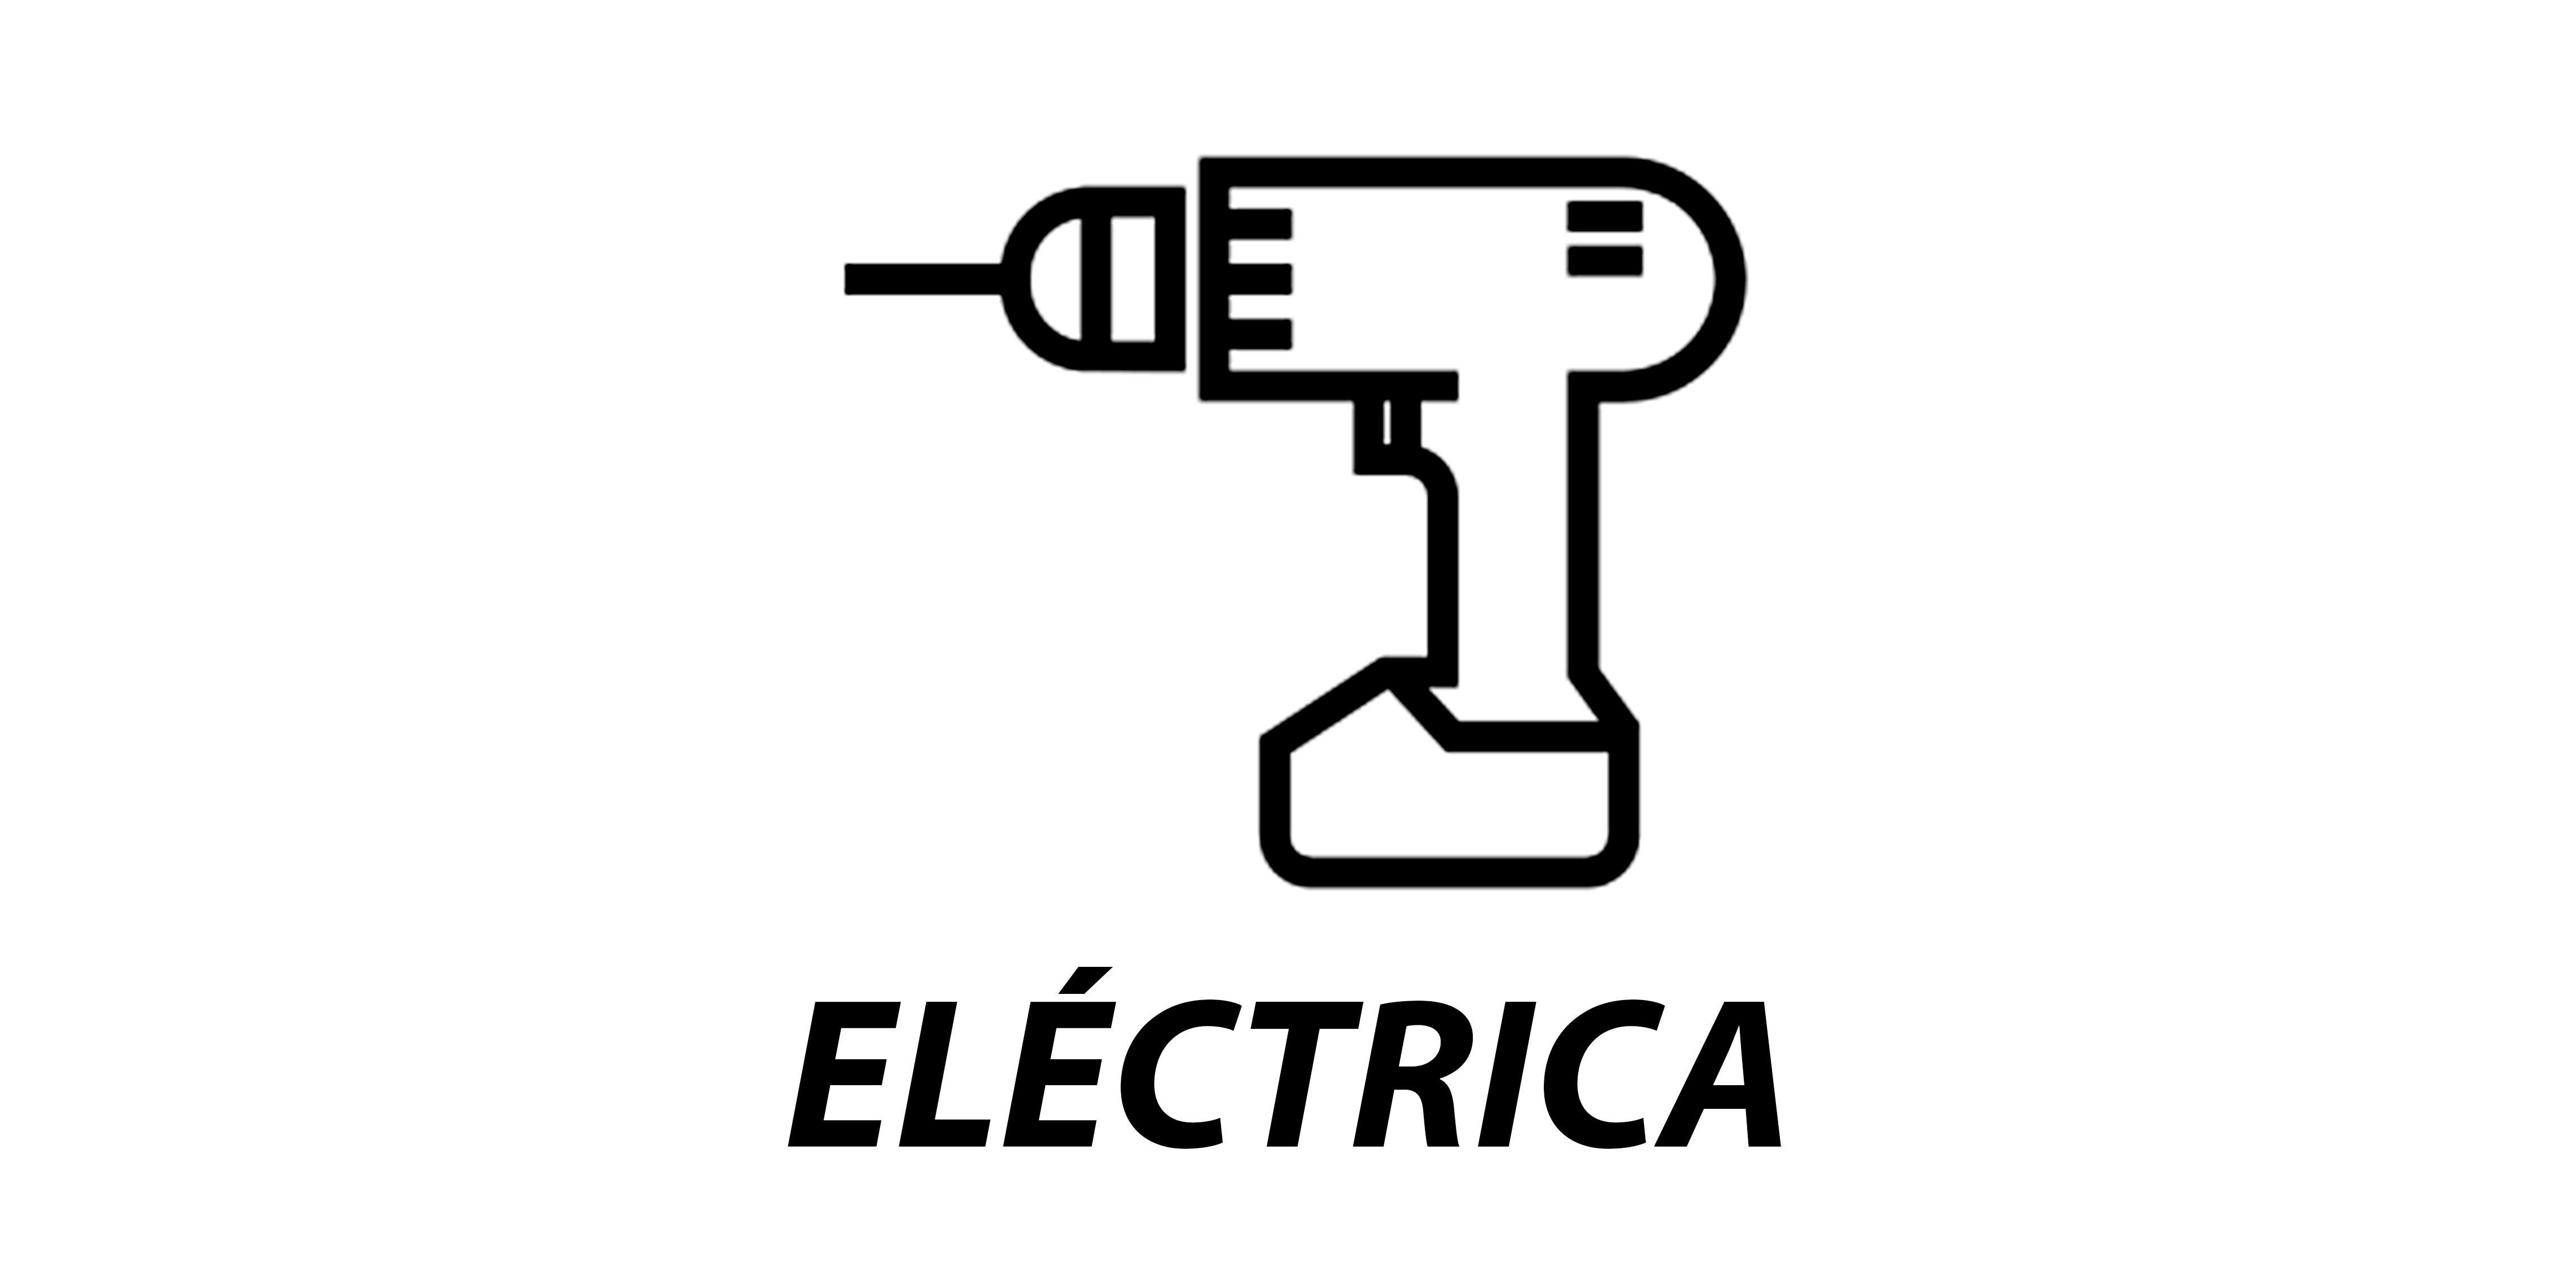 HerramientaEléctrica en Ser Viso Mex